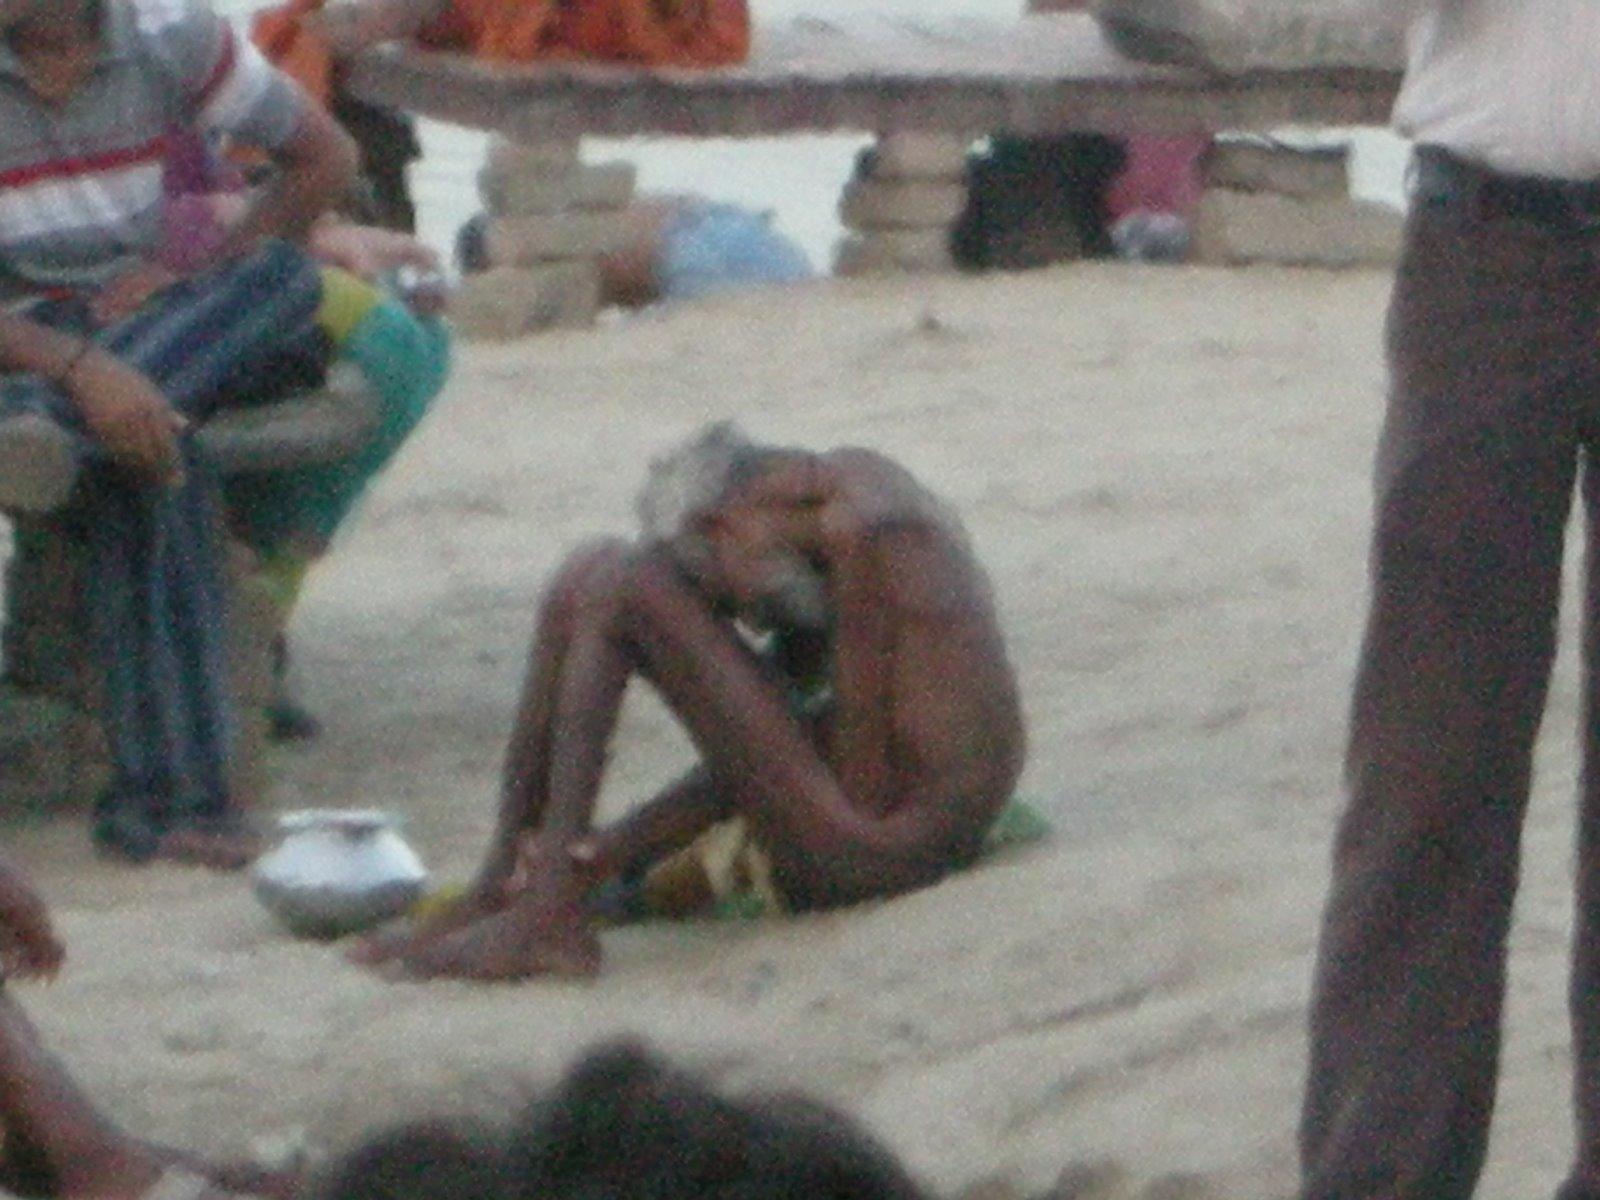 [INDIA]